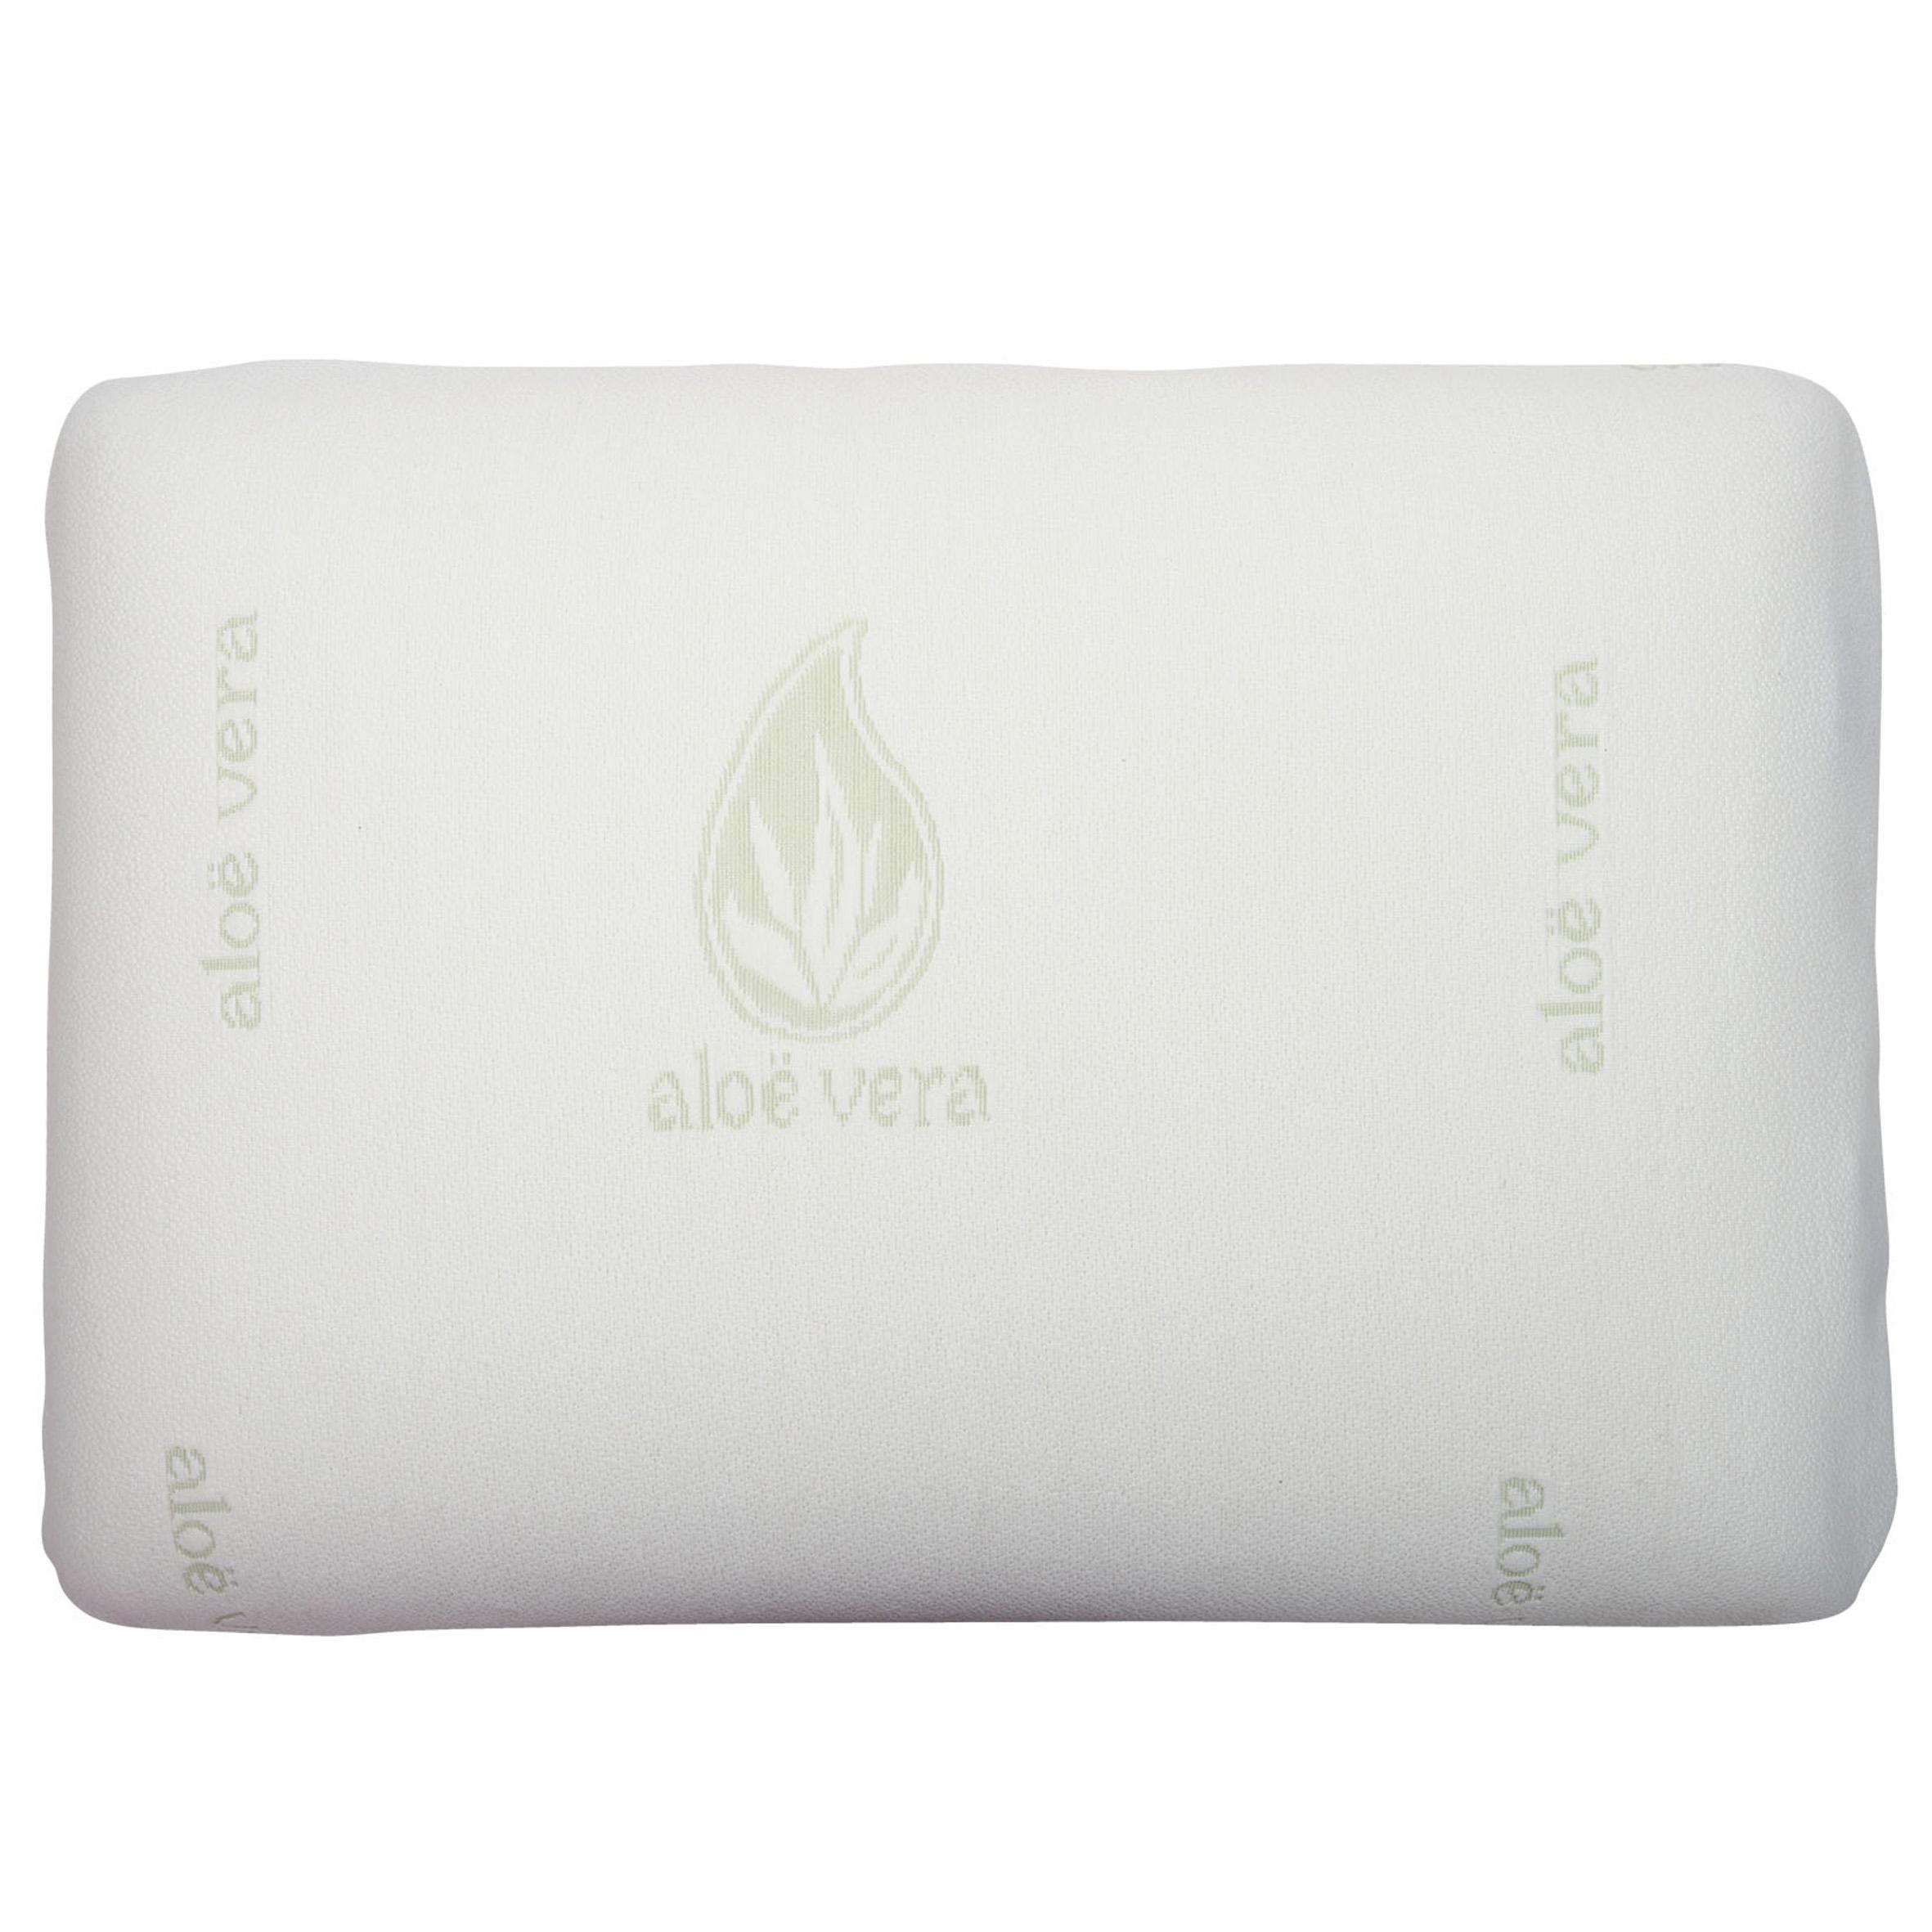 Μαξιλάρι ύπνου 1095 ALOE VERA, DAS HOME υπνοδωματιο   μαξιλάρια ύπνου   μαξιλάρια  ανατομικά